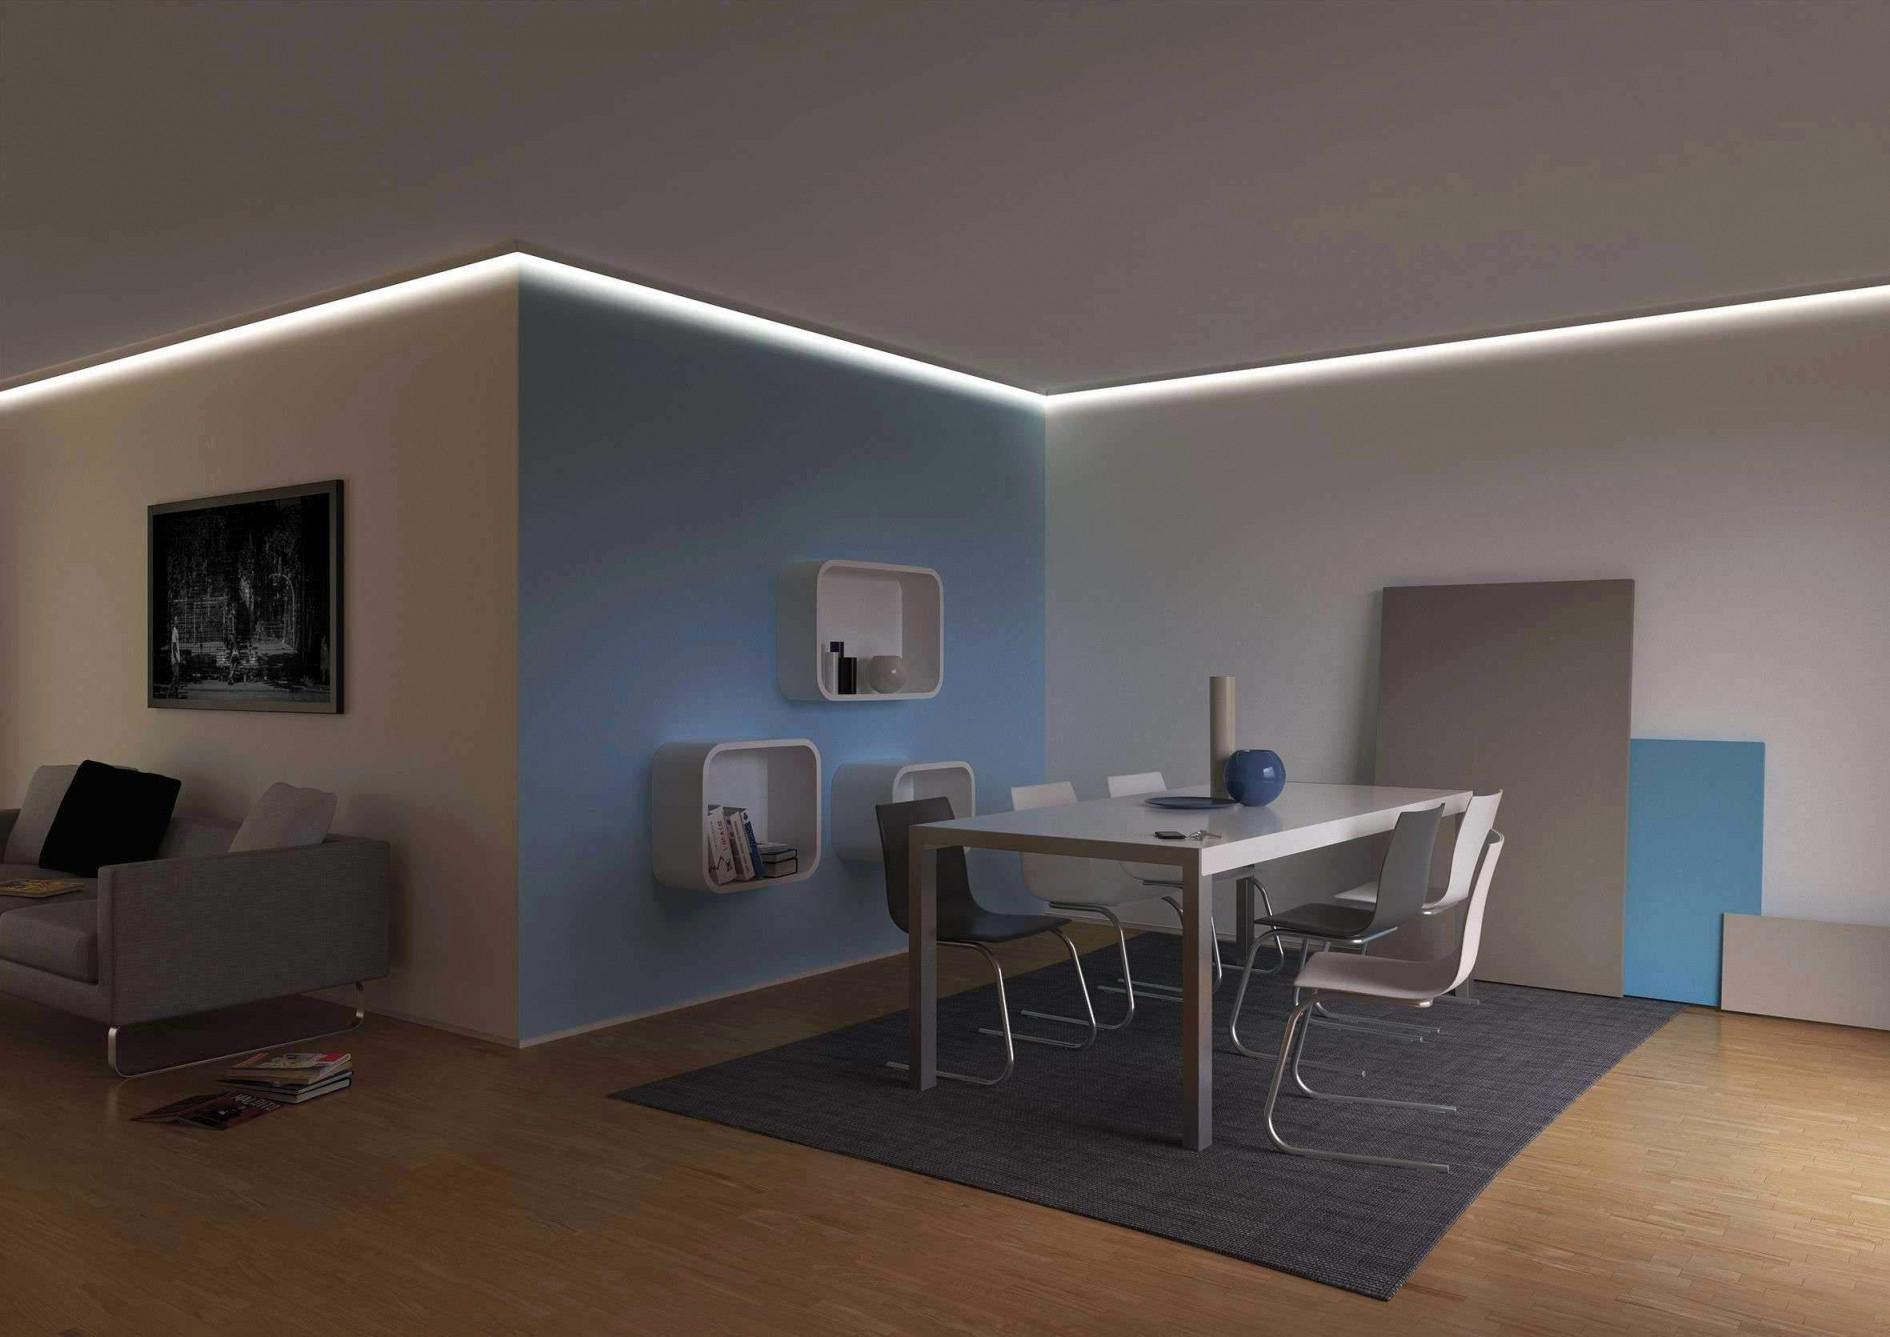 Wohnzimmer Decke Gestalten Inspirierend 40 Tolle Von Decke von Wohnzimmer Decken Neu Gestalten Bild